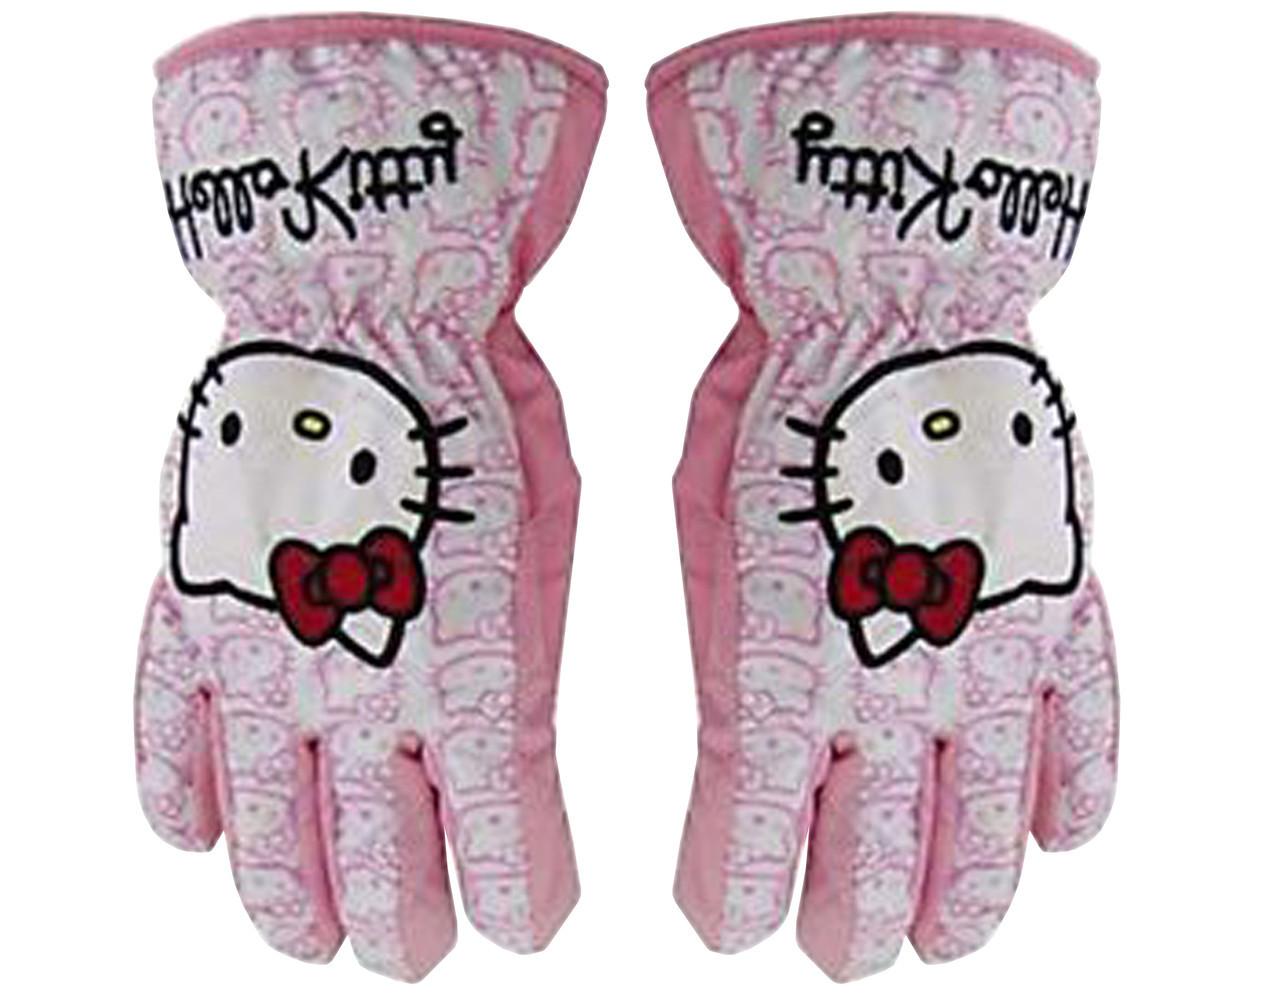 Гірськолижні рукавички (варіжки) Hello Kitty Love кол. білий-розовий | розмір 4,6 ( Такий самий дизайн)